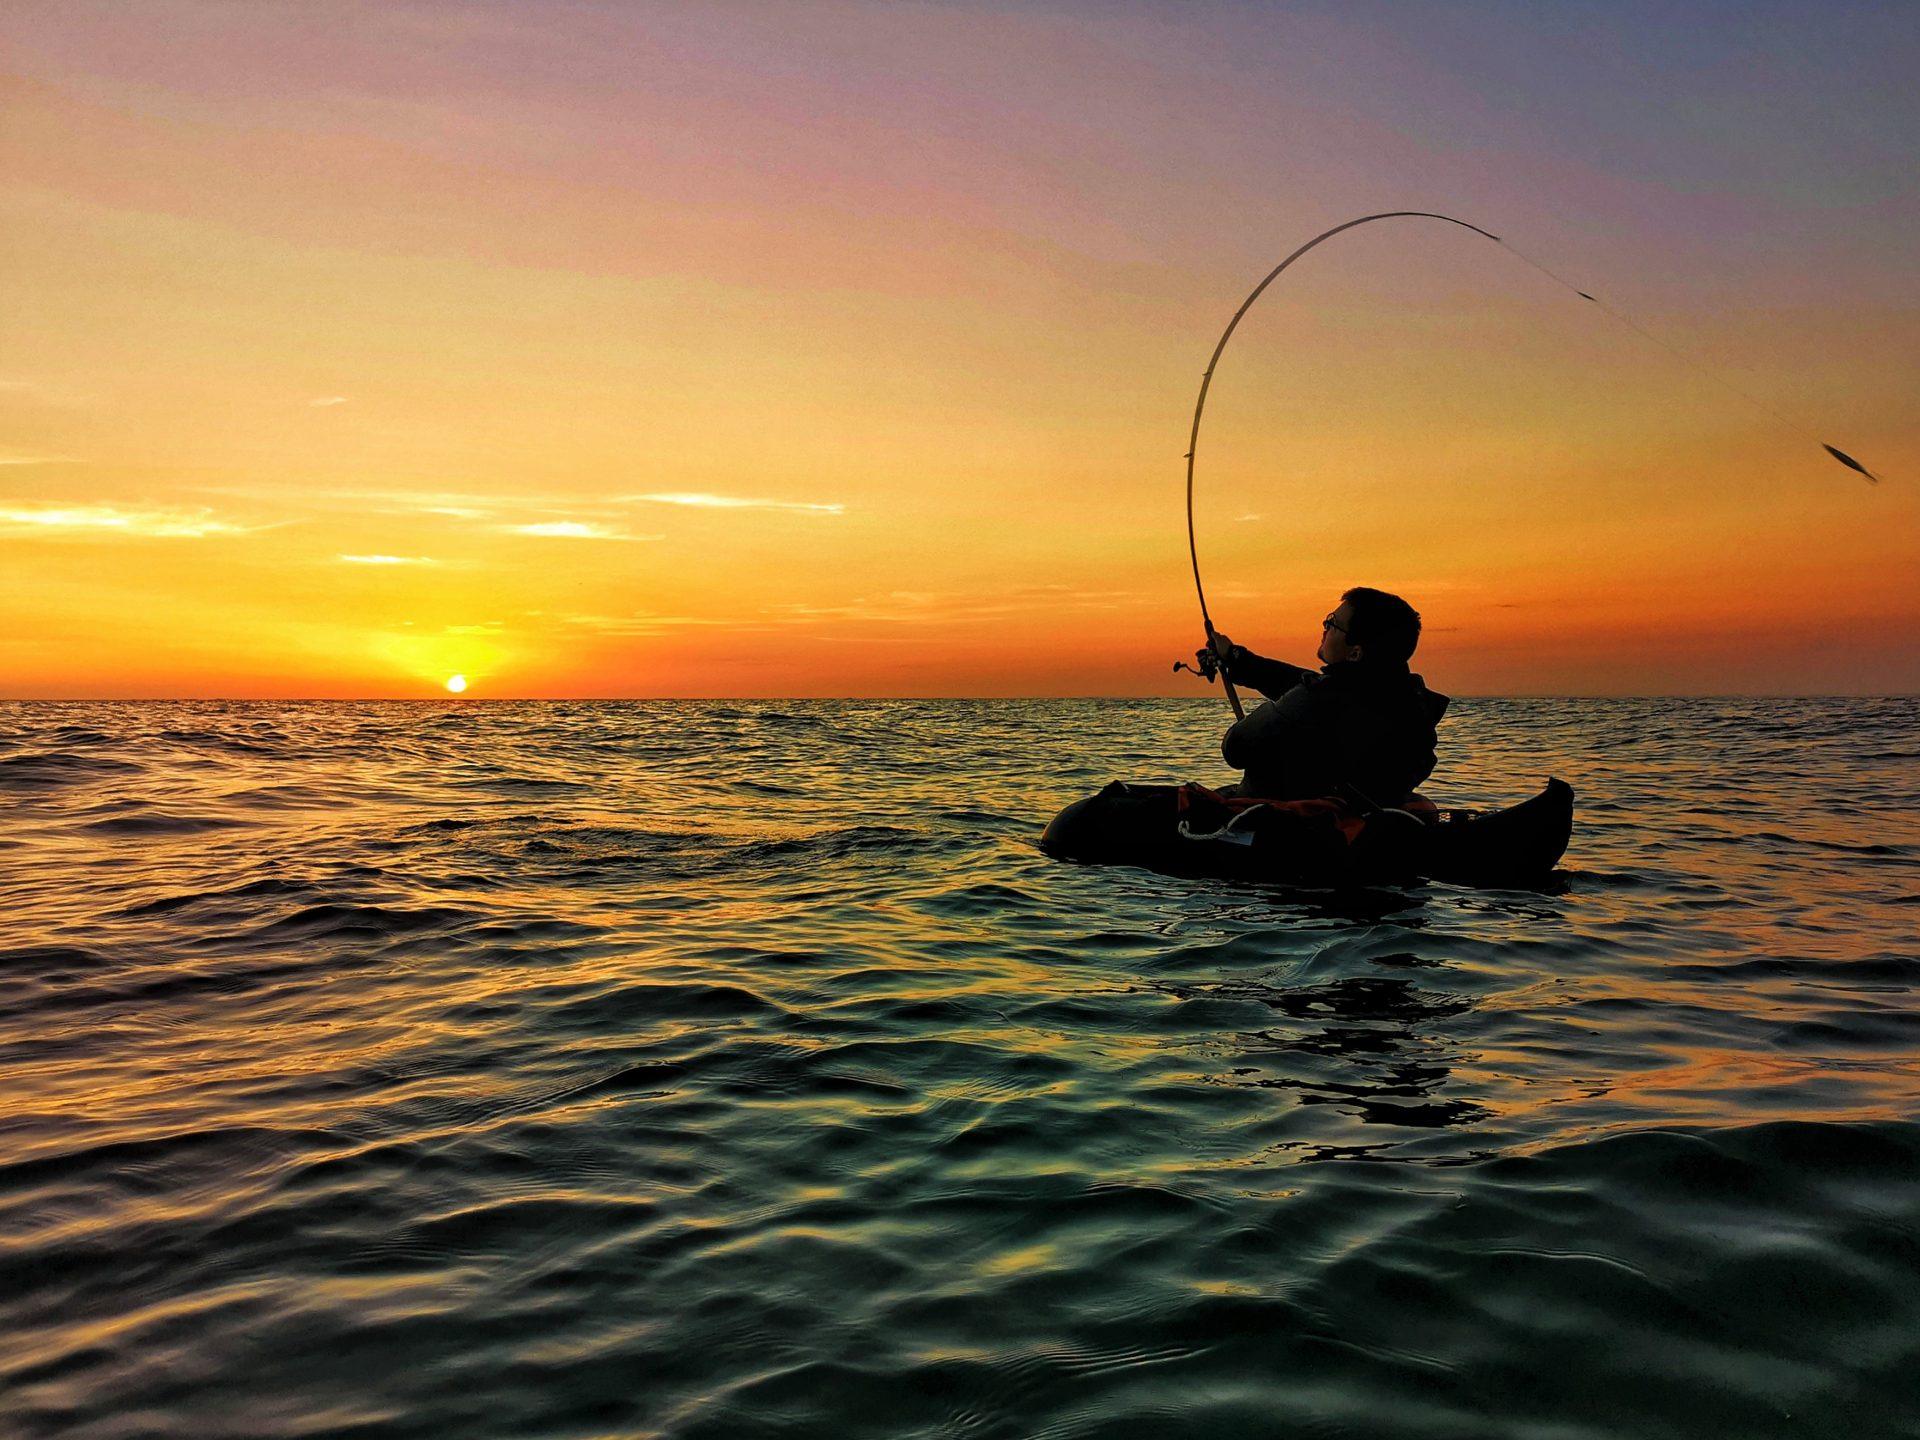 Havbarsfiskeri fra flydering og pontonbåd er spændende og givtigt.